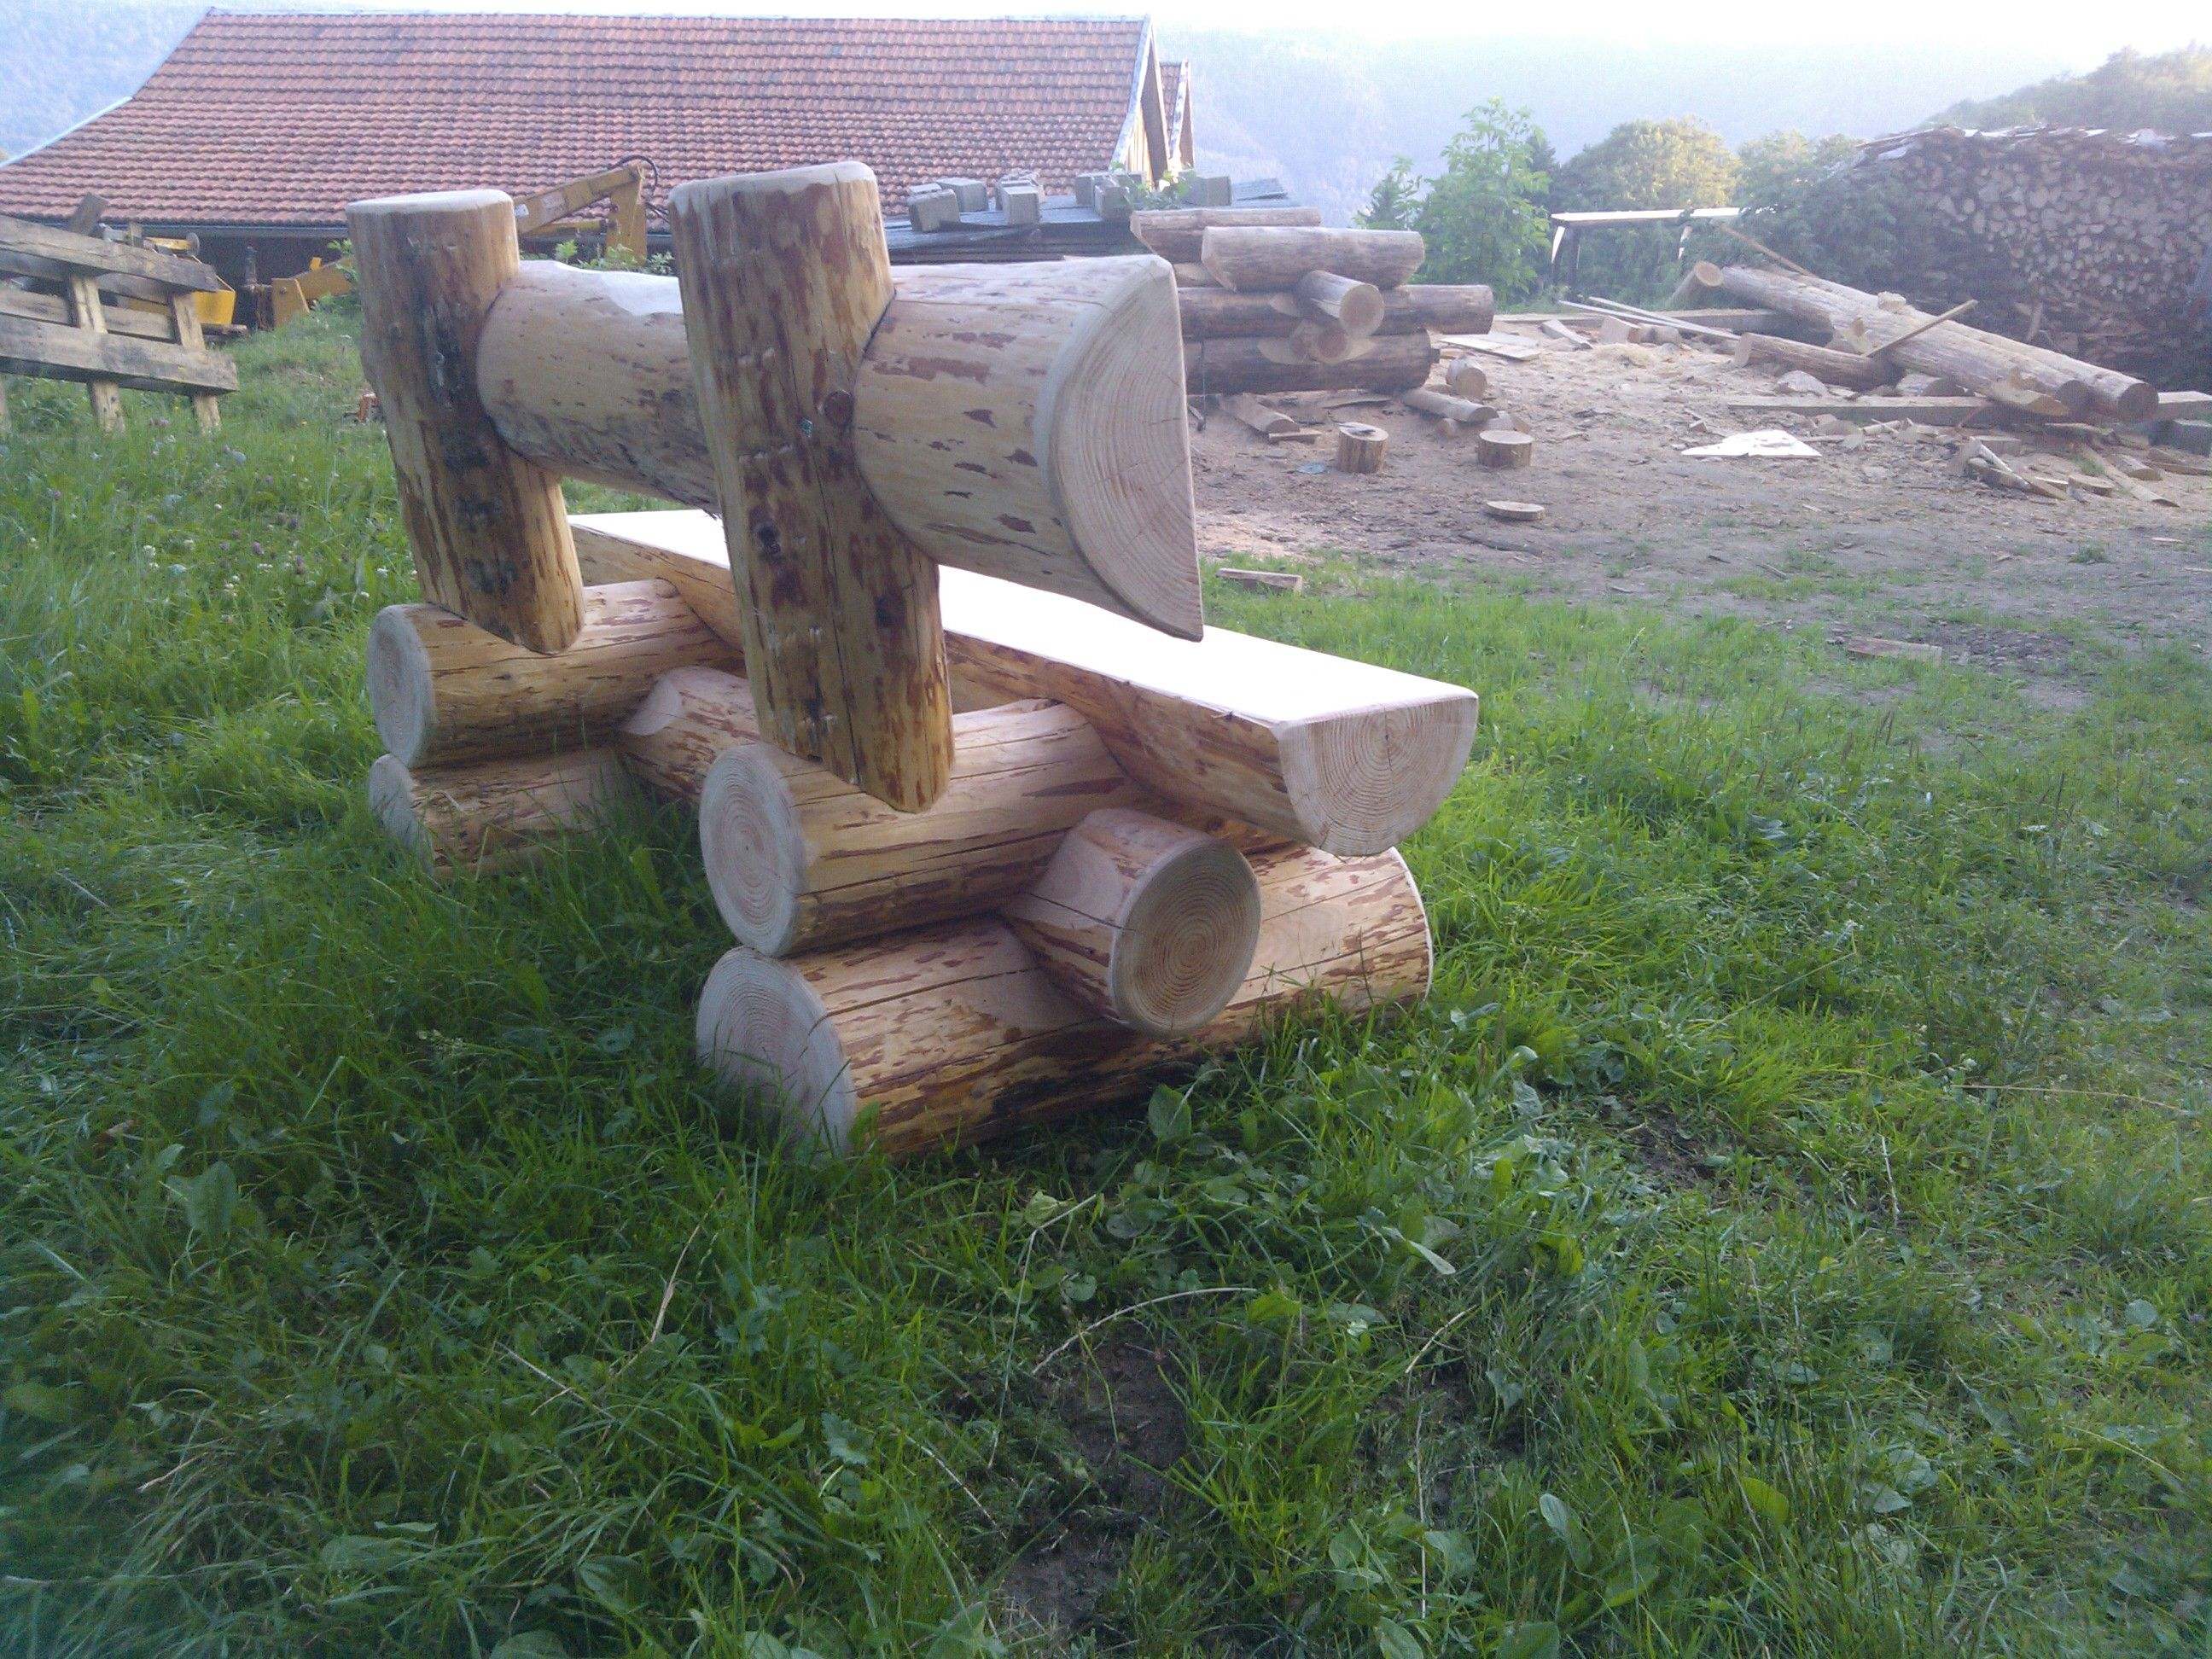 pingl par anonyme dutrain sur jardin pinterest rondin bancs et mobilier. Black Bedroom Furniture Sets. Home Design Ideas